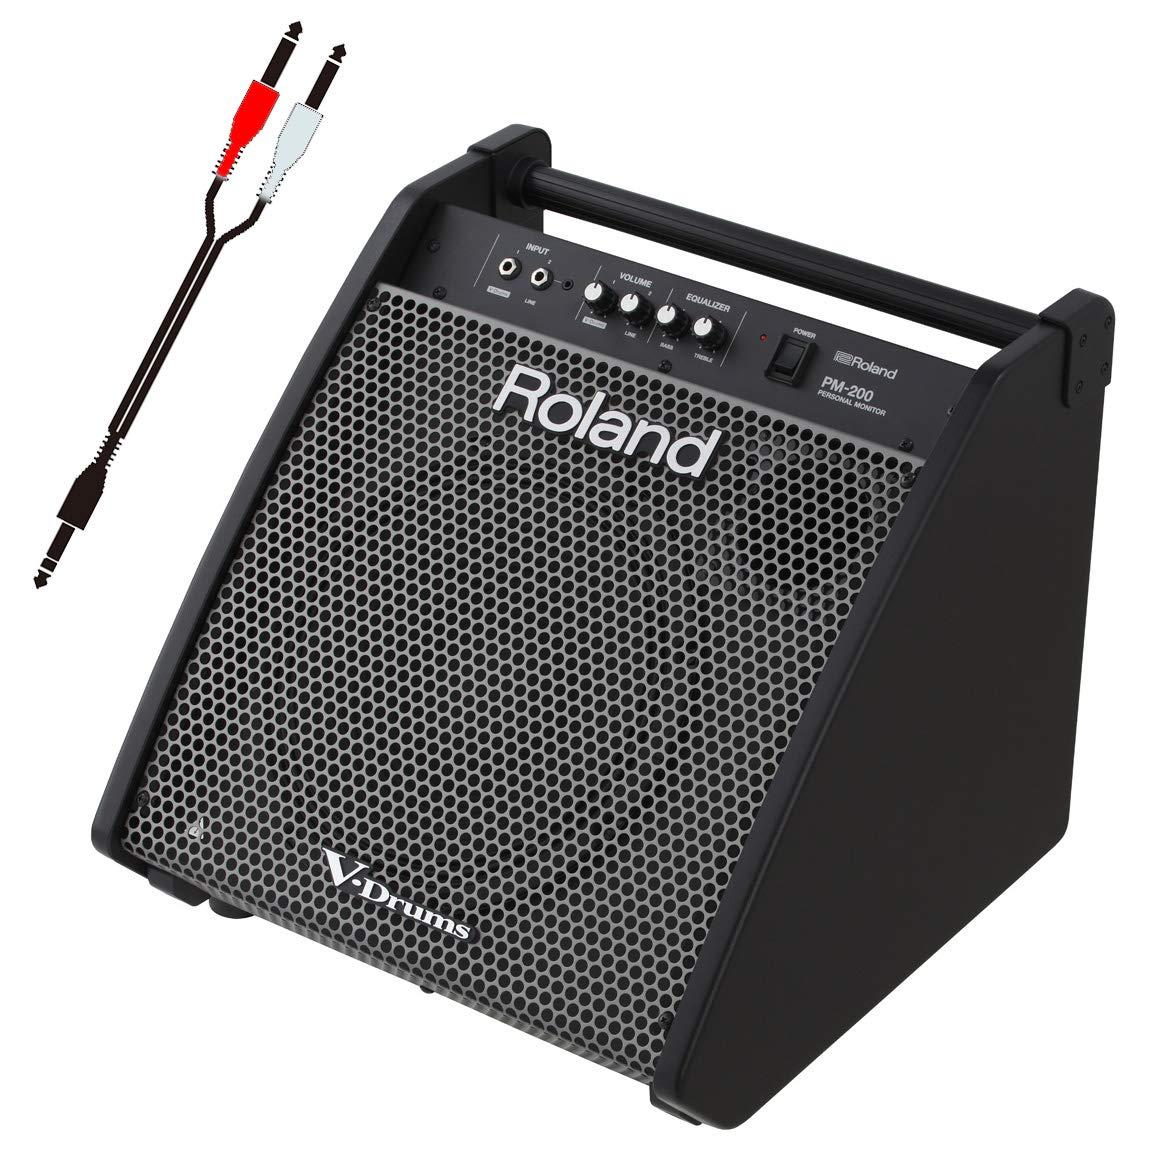 Roland 電子ドラム用モニタースピーカー PM-200 接続ケーブルセット   B07G542WRW